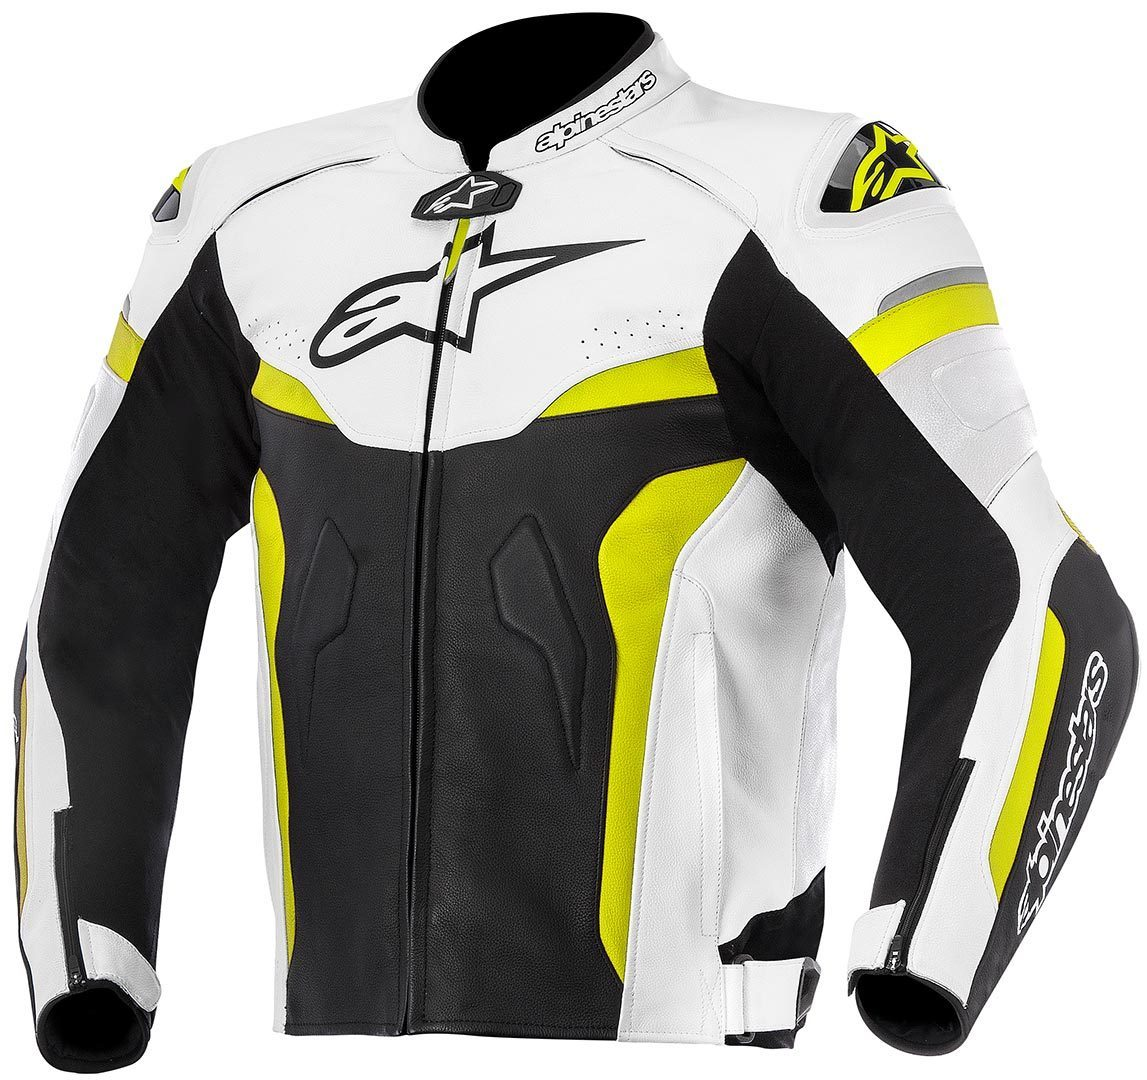 Alpinestars Celer 2015 正規激安 アルパインスターズ バイク用品 大幅にプライスダウン メンズ モトクロス バイクウェア ライダースジャケット レザージャケット 革ジャン